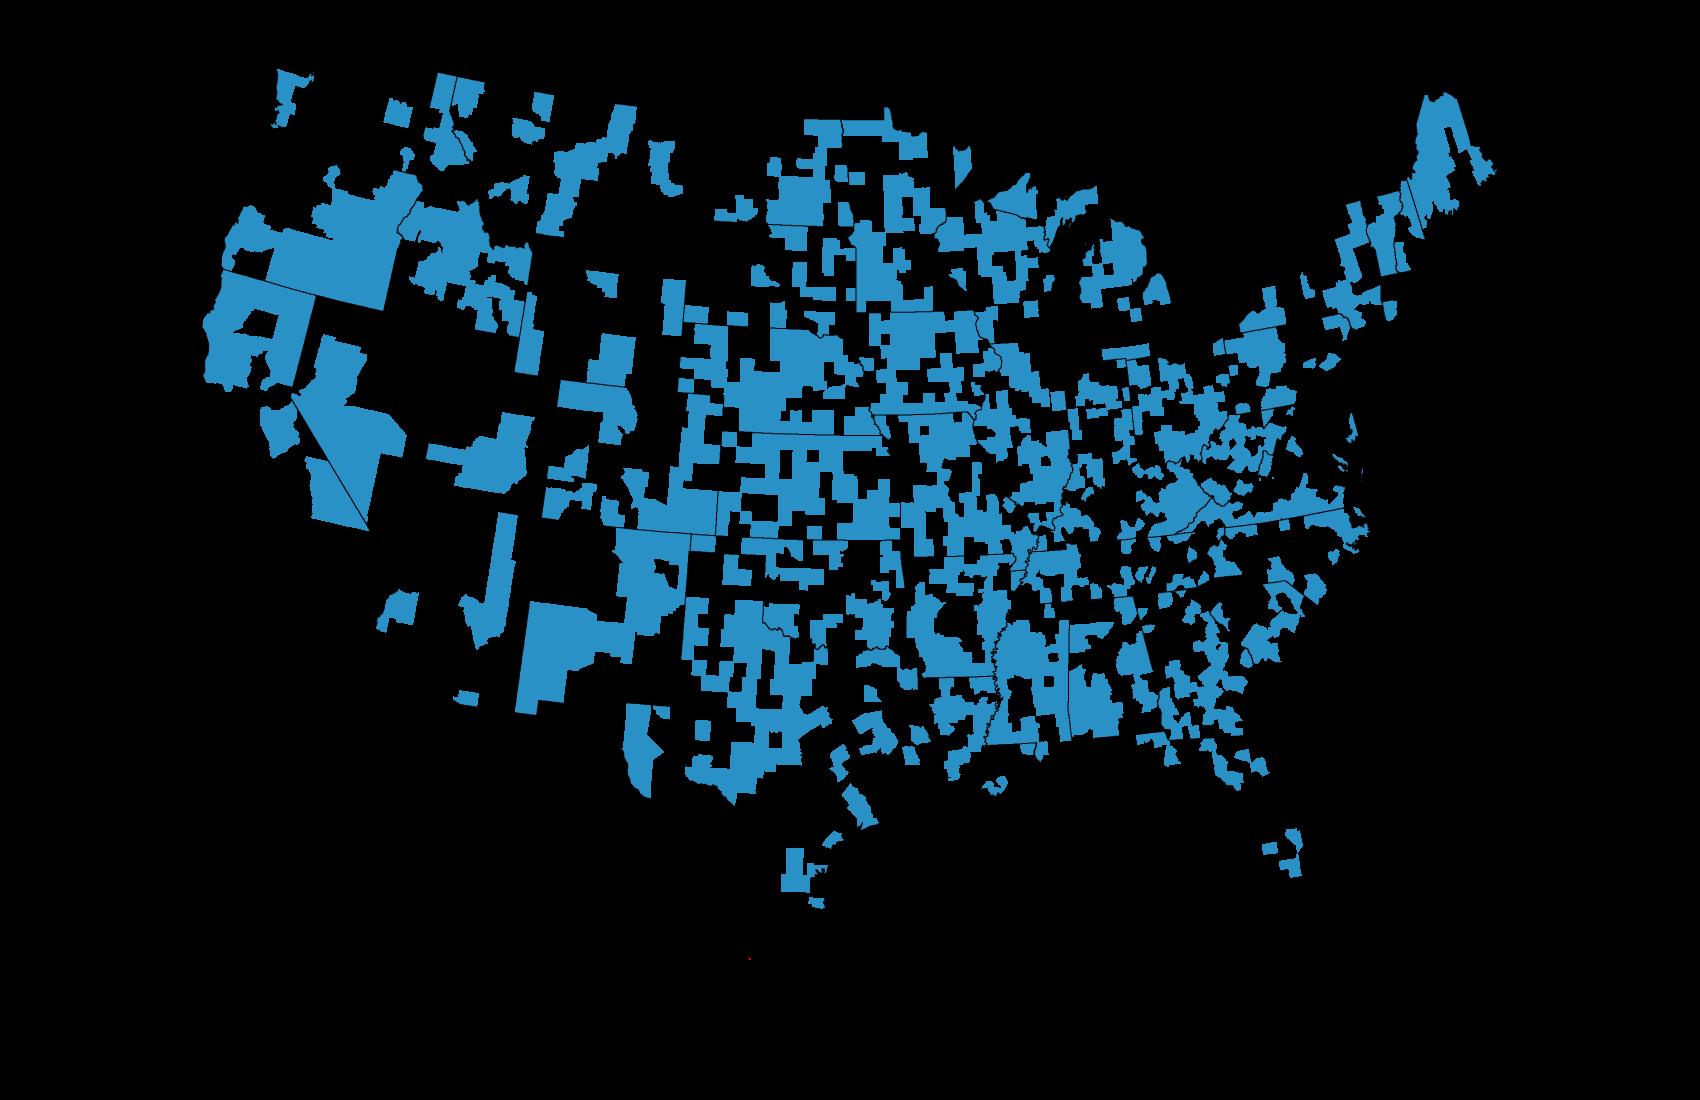 map-loss.png